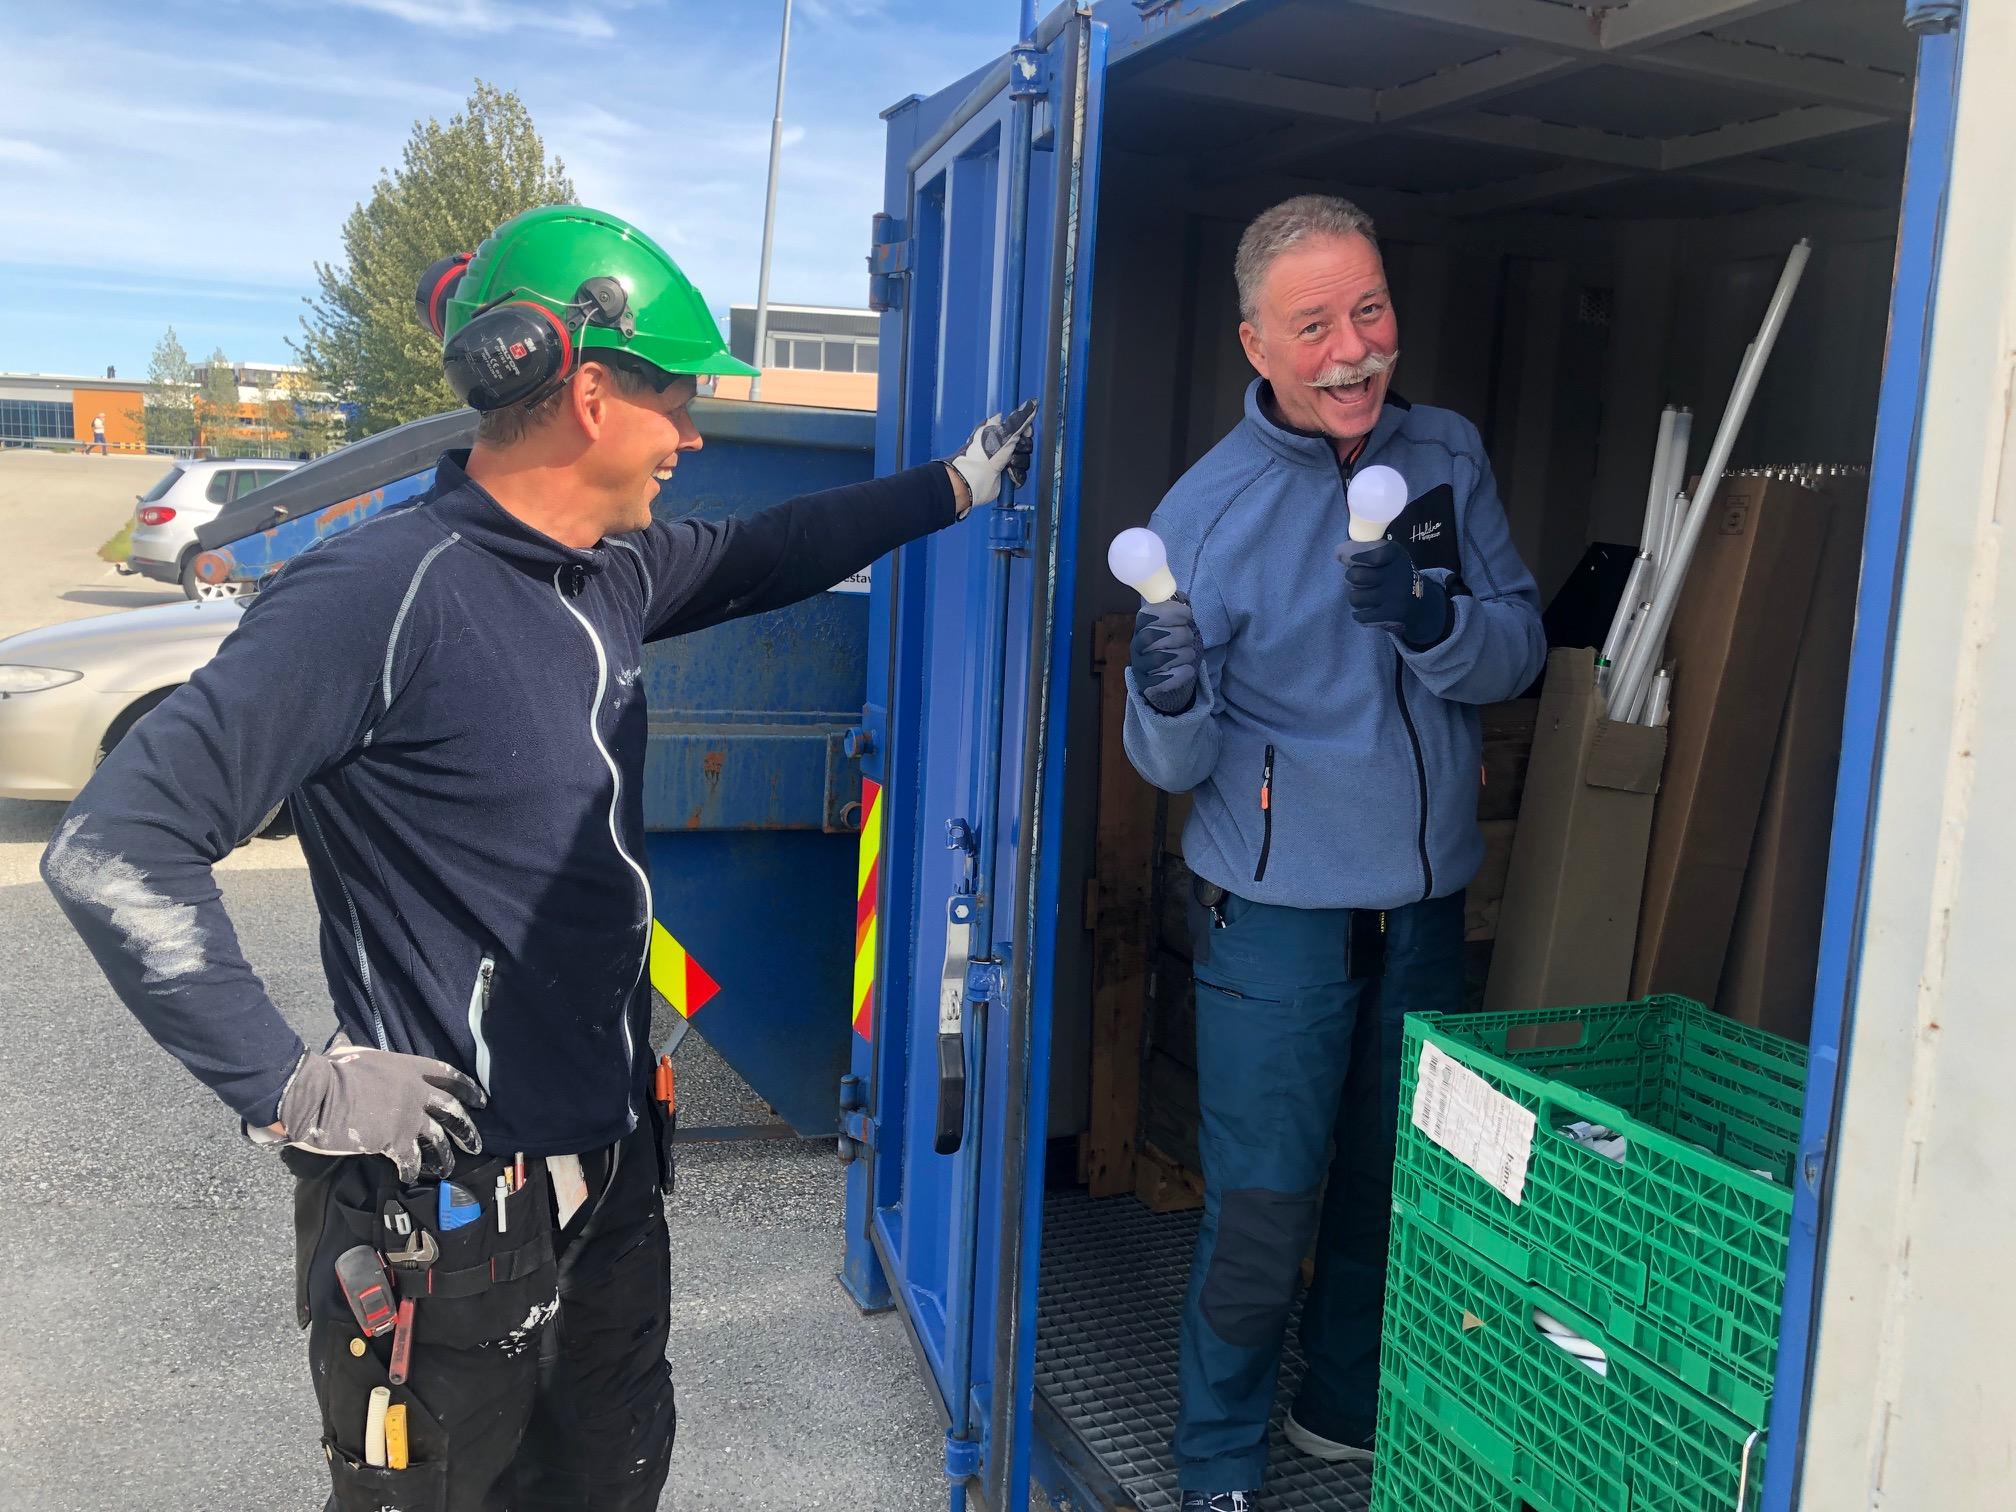 Å ha god sortering på alt av avfall er veldig viktig. En egen container for lyspærer, maling og annet farlig avfall er en av de tingene museet gjør for å sørge for et bedre miljø.